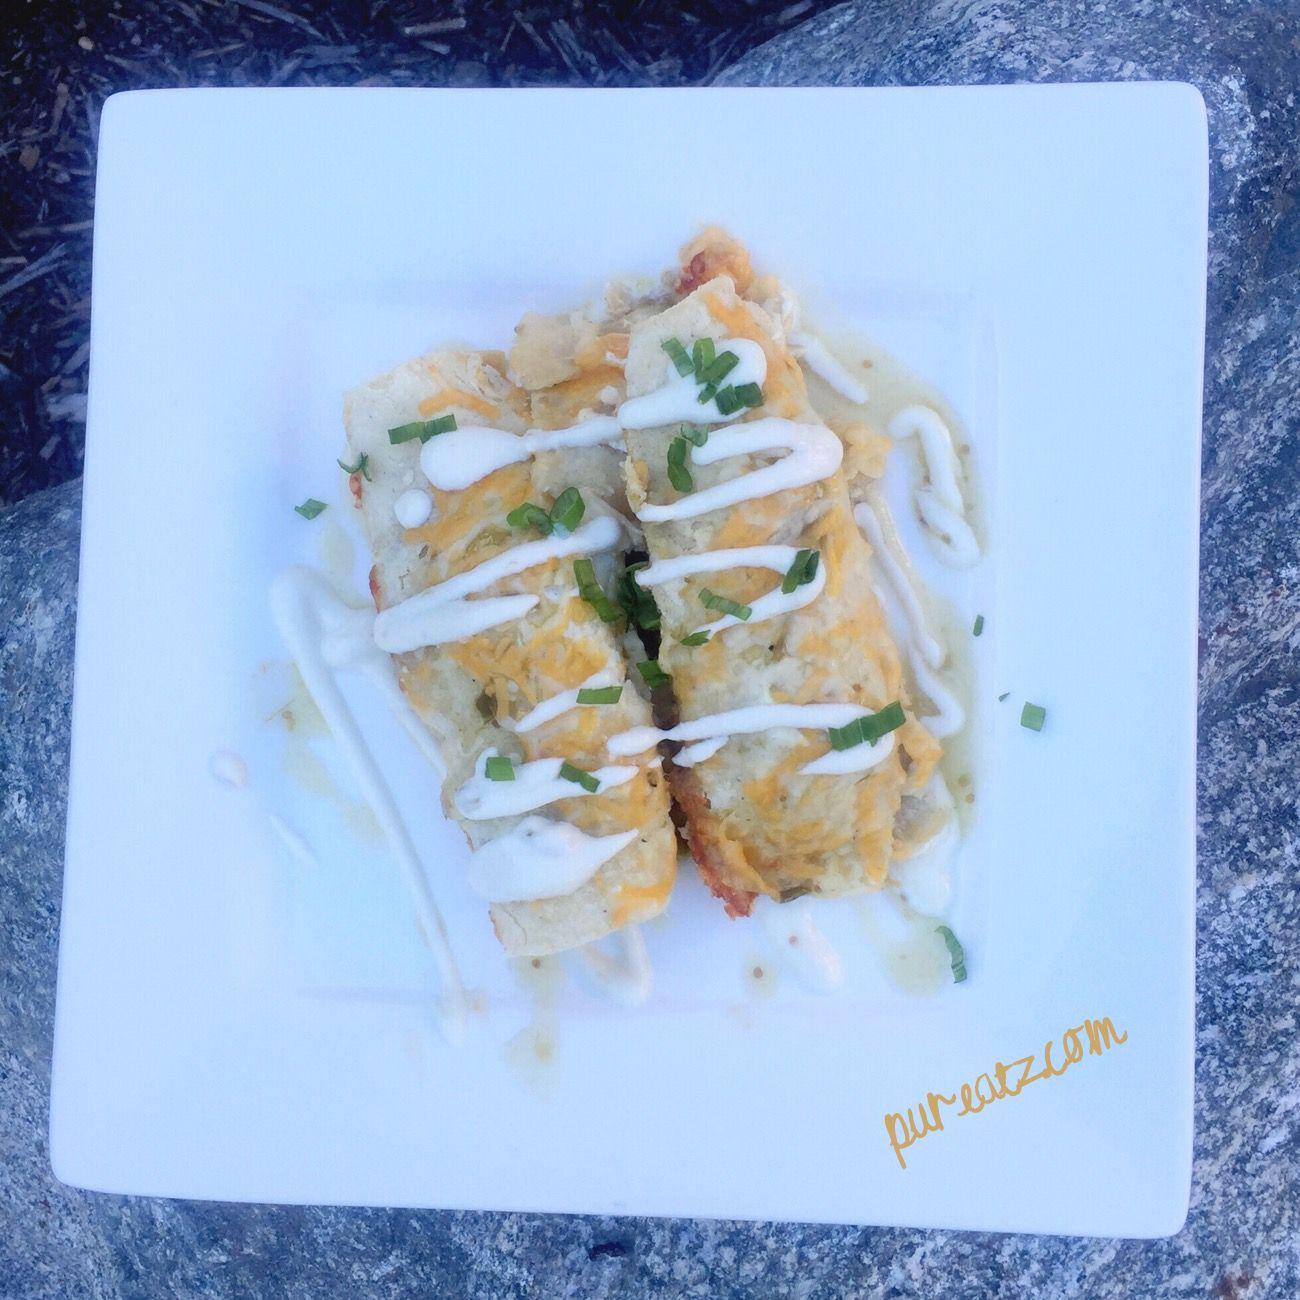 21 day fix Creamy Chicken Enchilada Suiza Creamy chicken